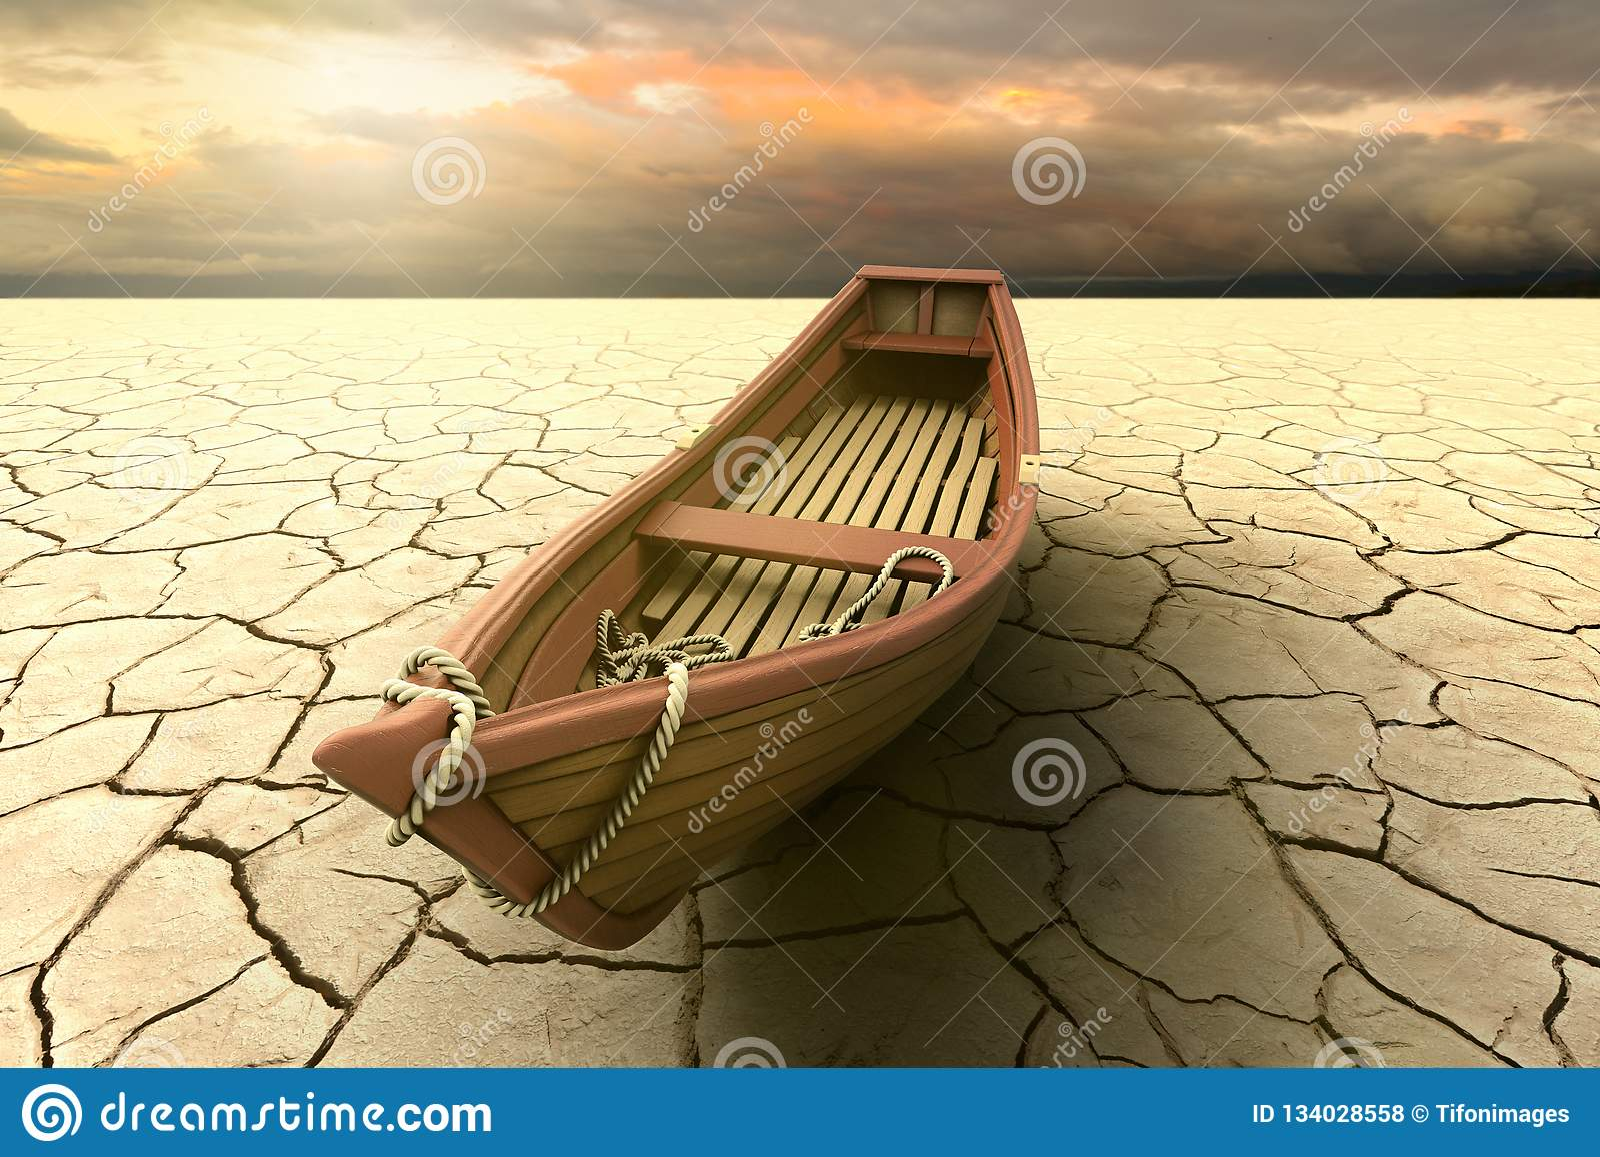 Representación conceptual de una sequía con un barco en un lago seco